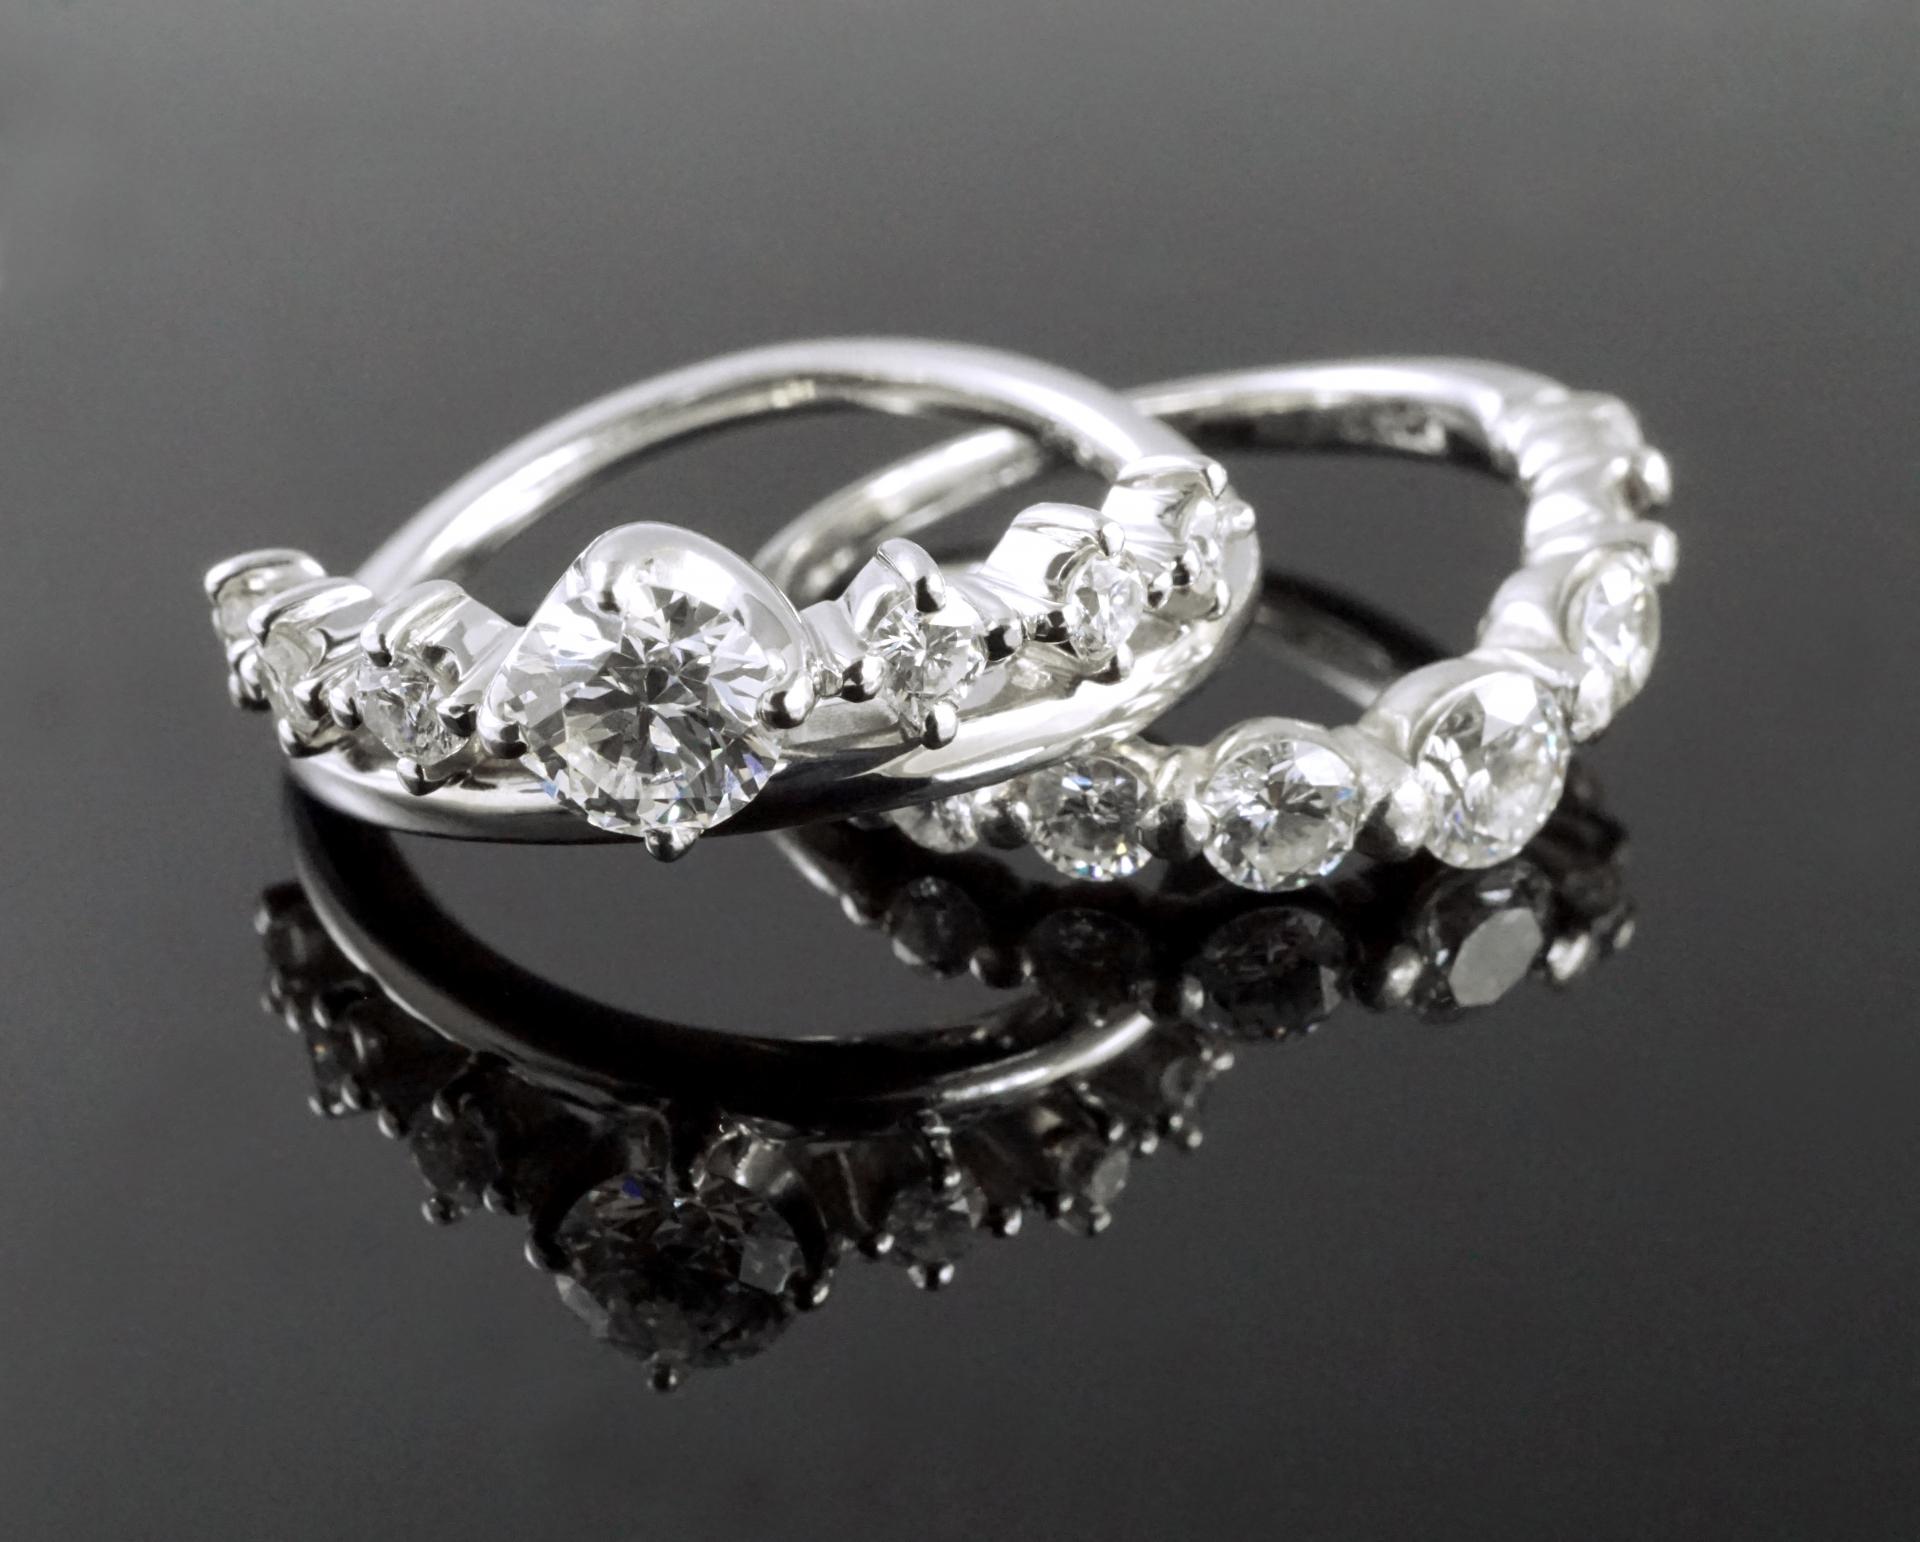 ダイヤモンドかジルコニアか?